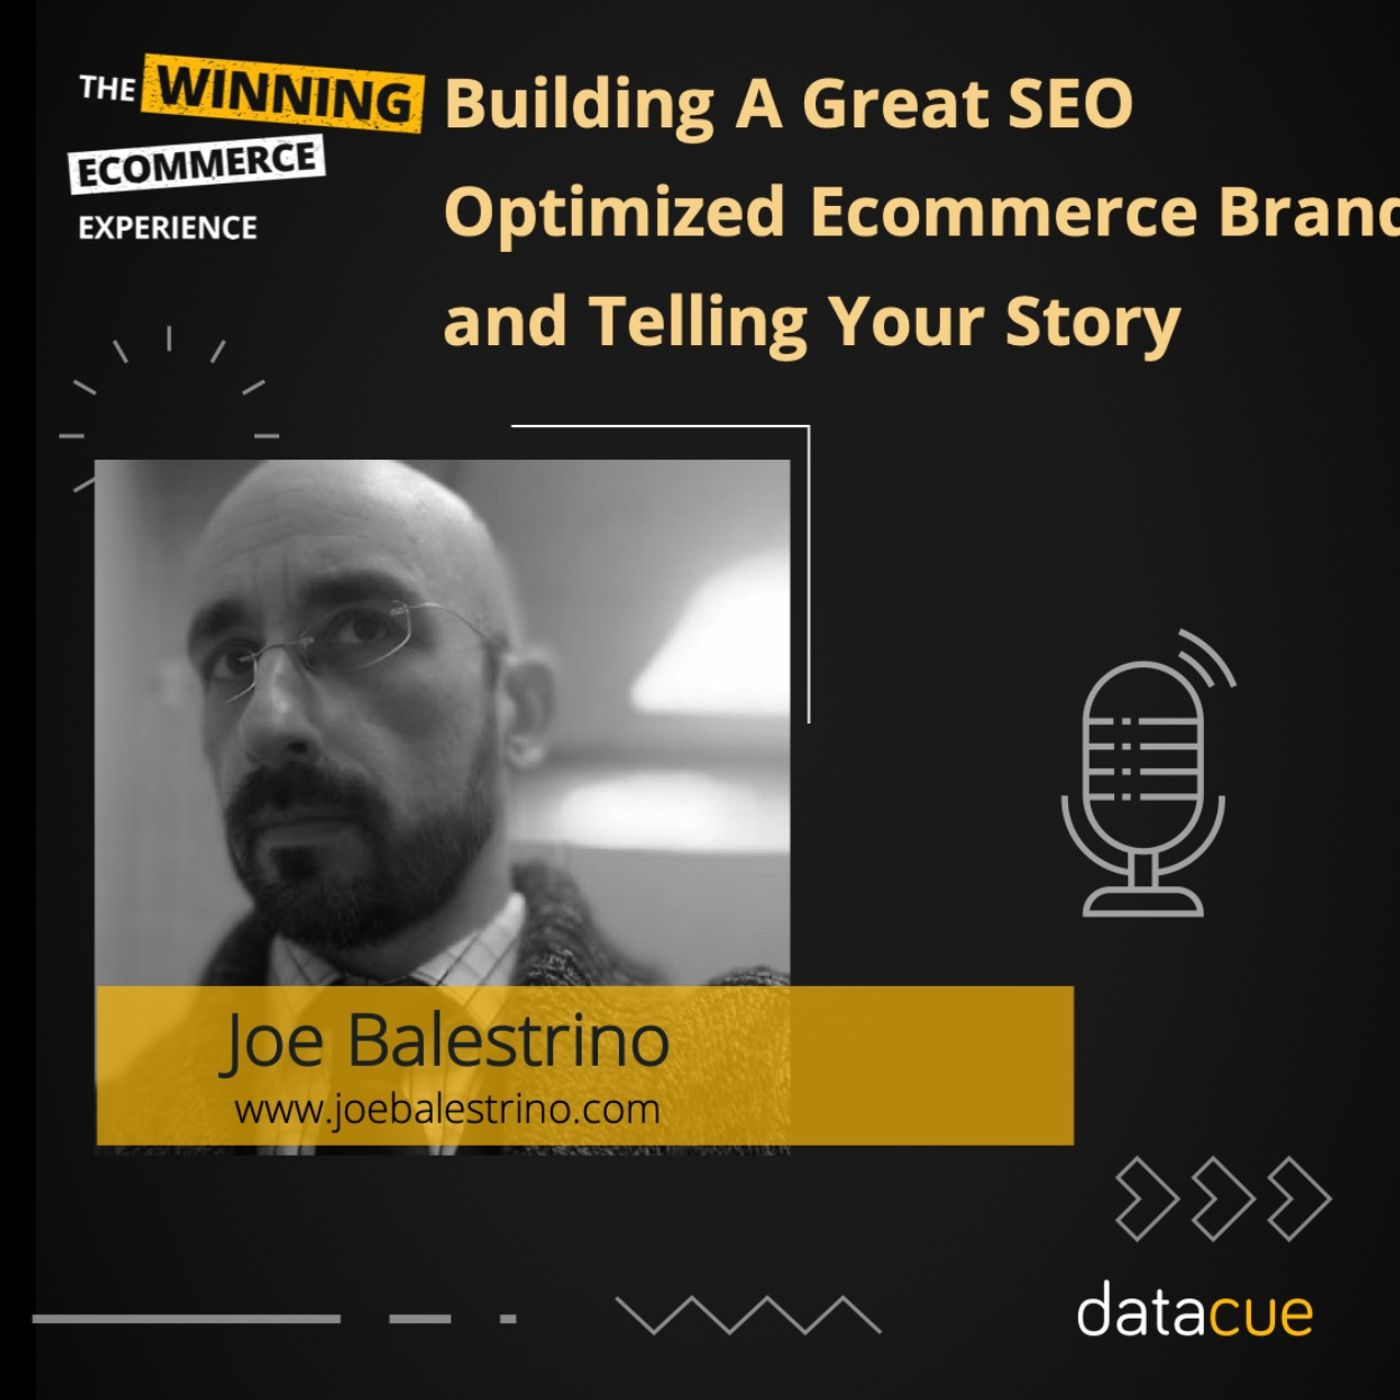 Joe Balestrino